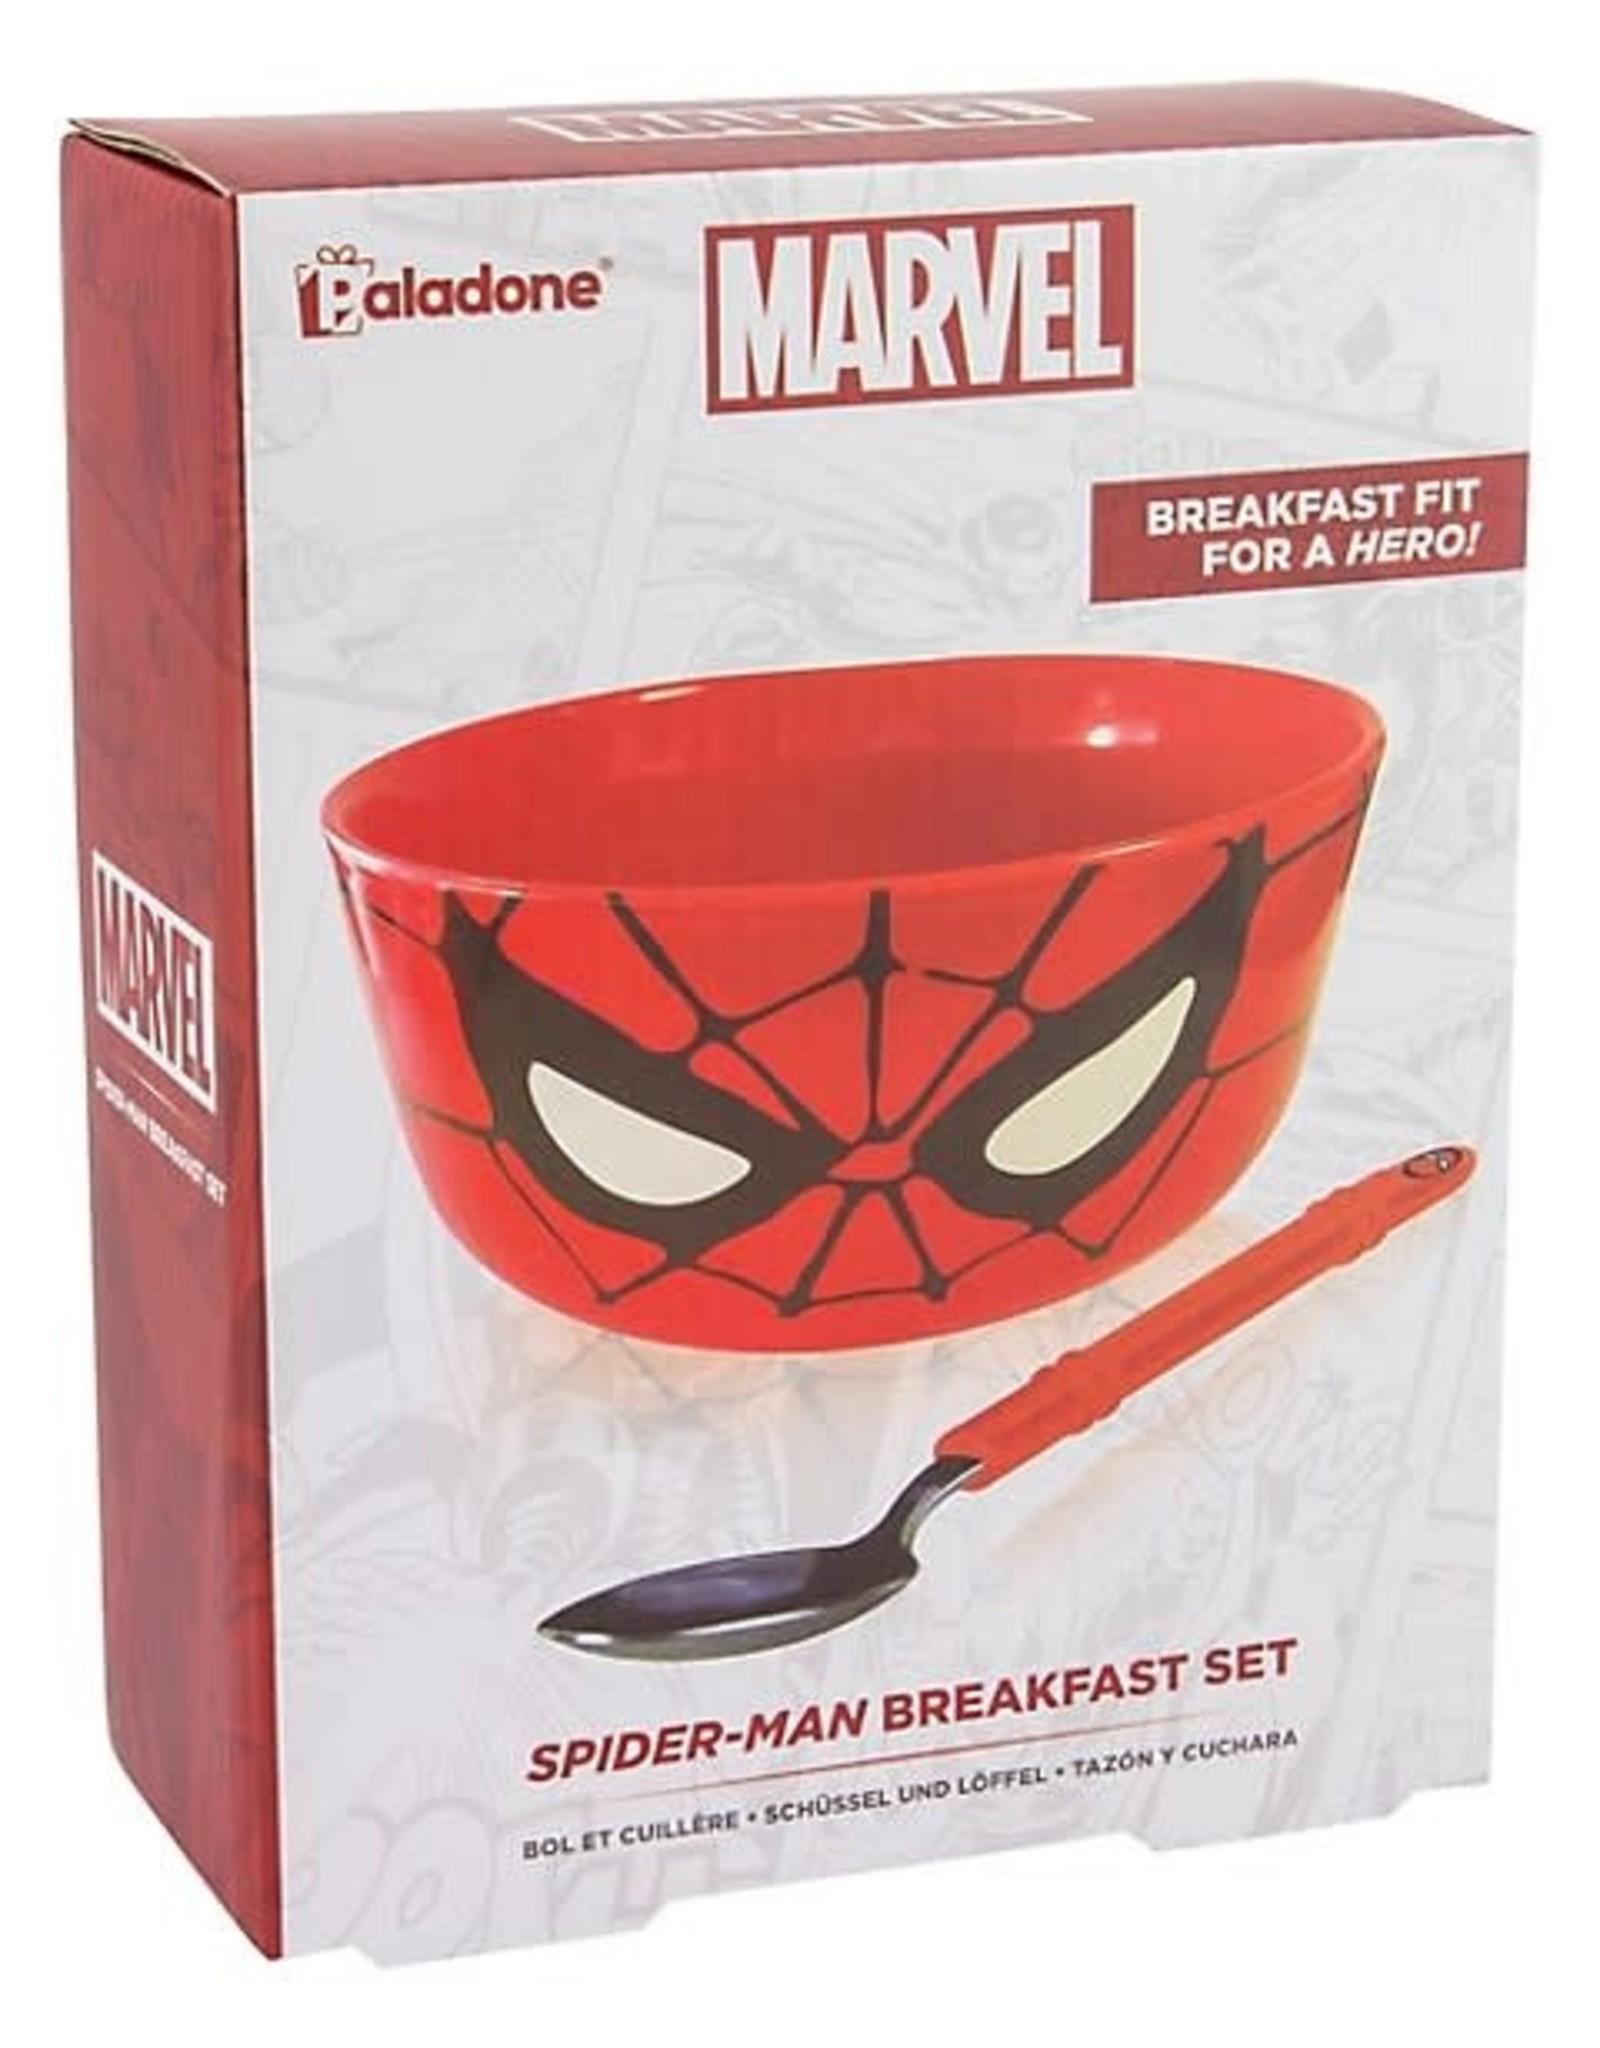 Paladone Spider-man Breakfast Set